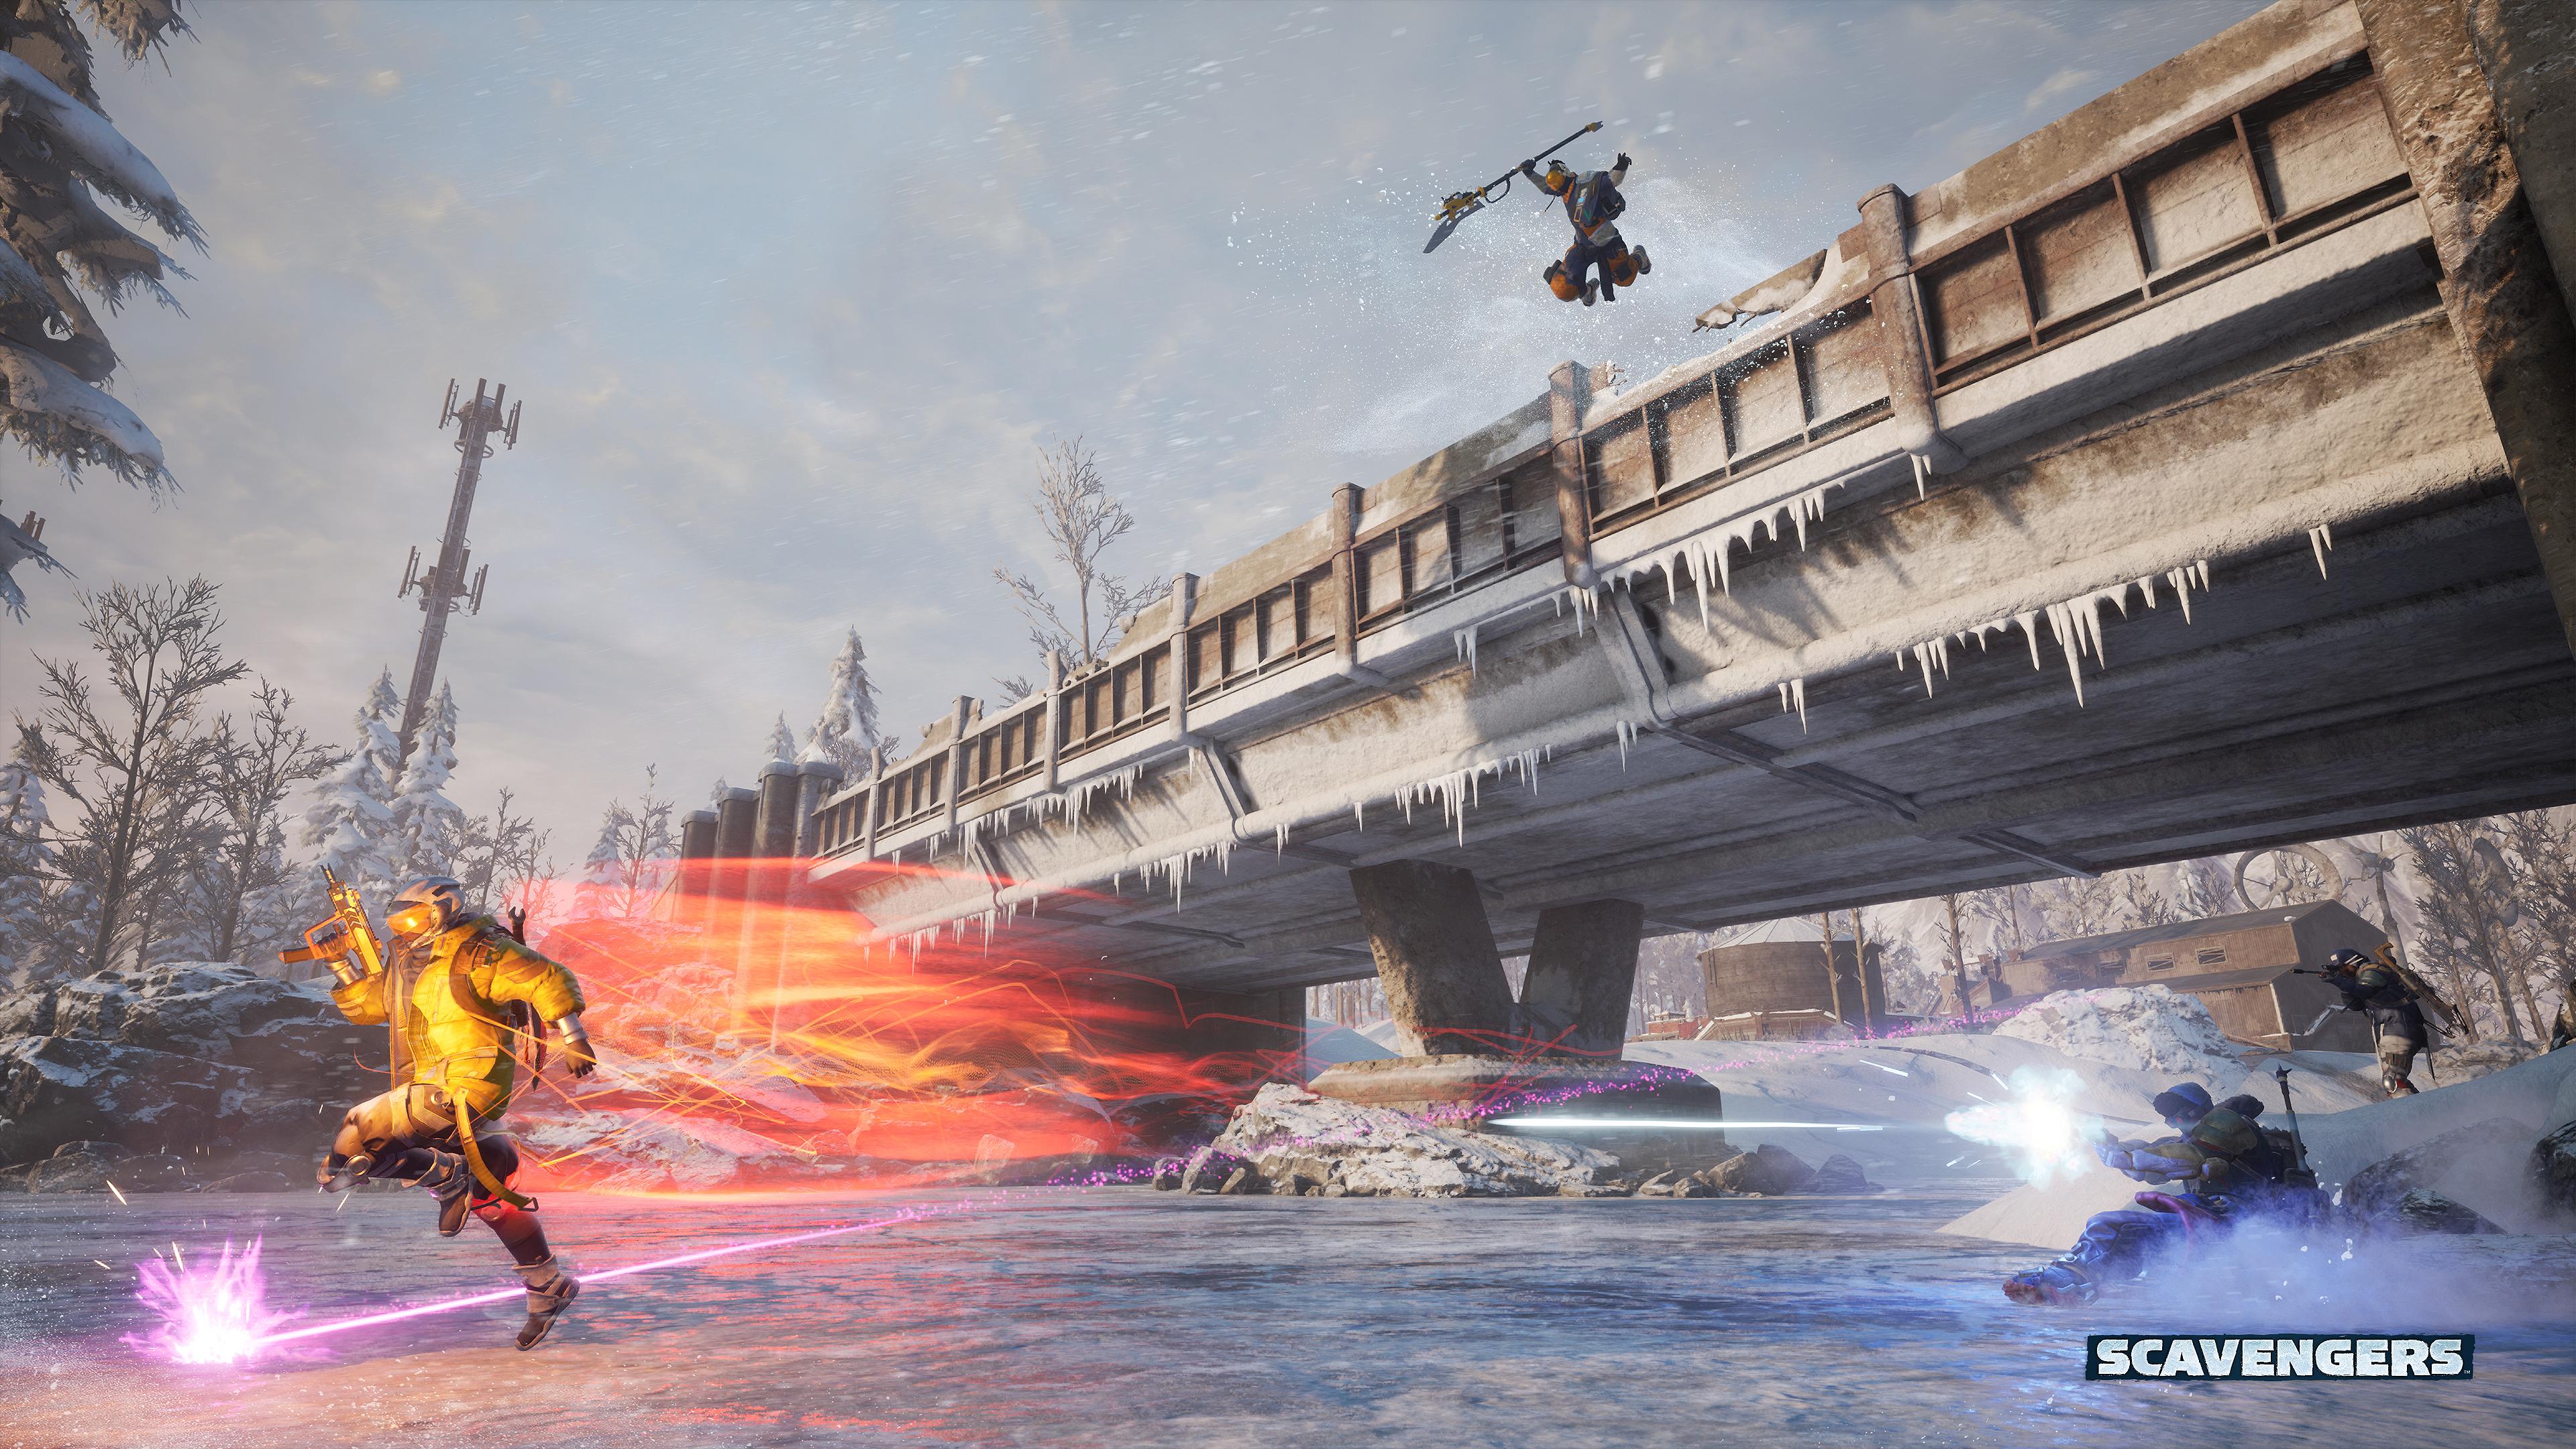 El free-to-play de superviviencia Scavengers también llegará a Xbox One 2